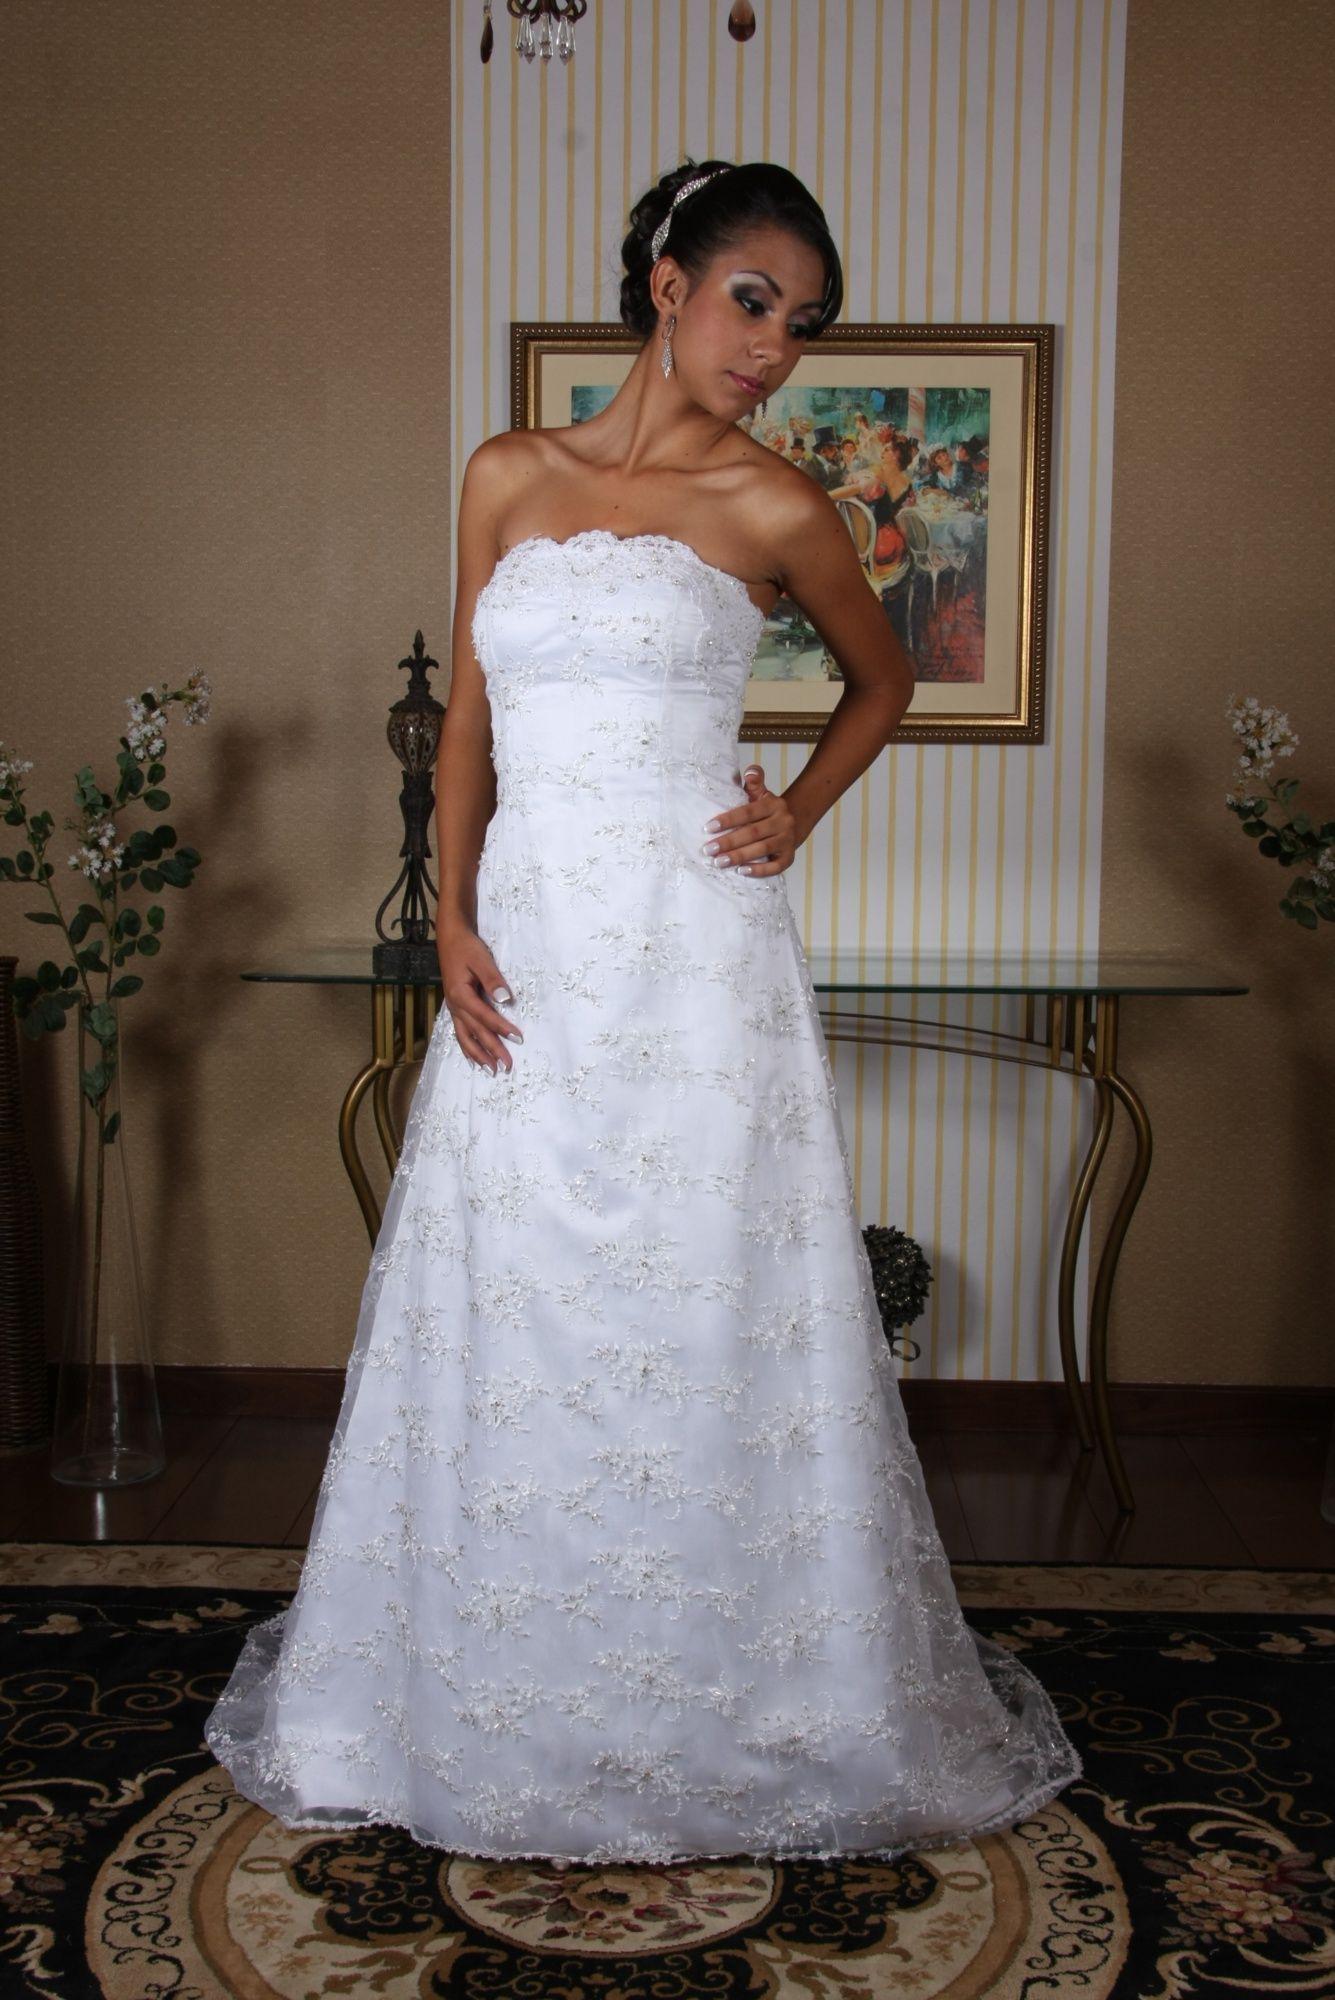 Vestido de Noiva Leve - 3 - Hipnose Alta Costura e Spa para Noivas e Noivos - Campinas - SP Vestido de Noiva, Vestido de Noiva Leve, Hipnose Alta Costura